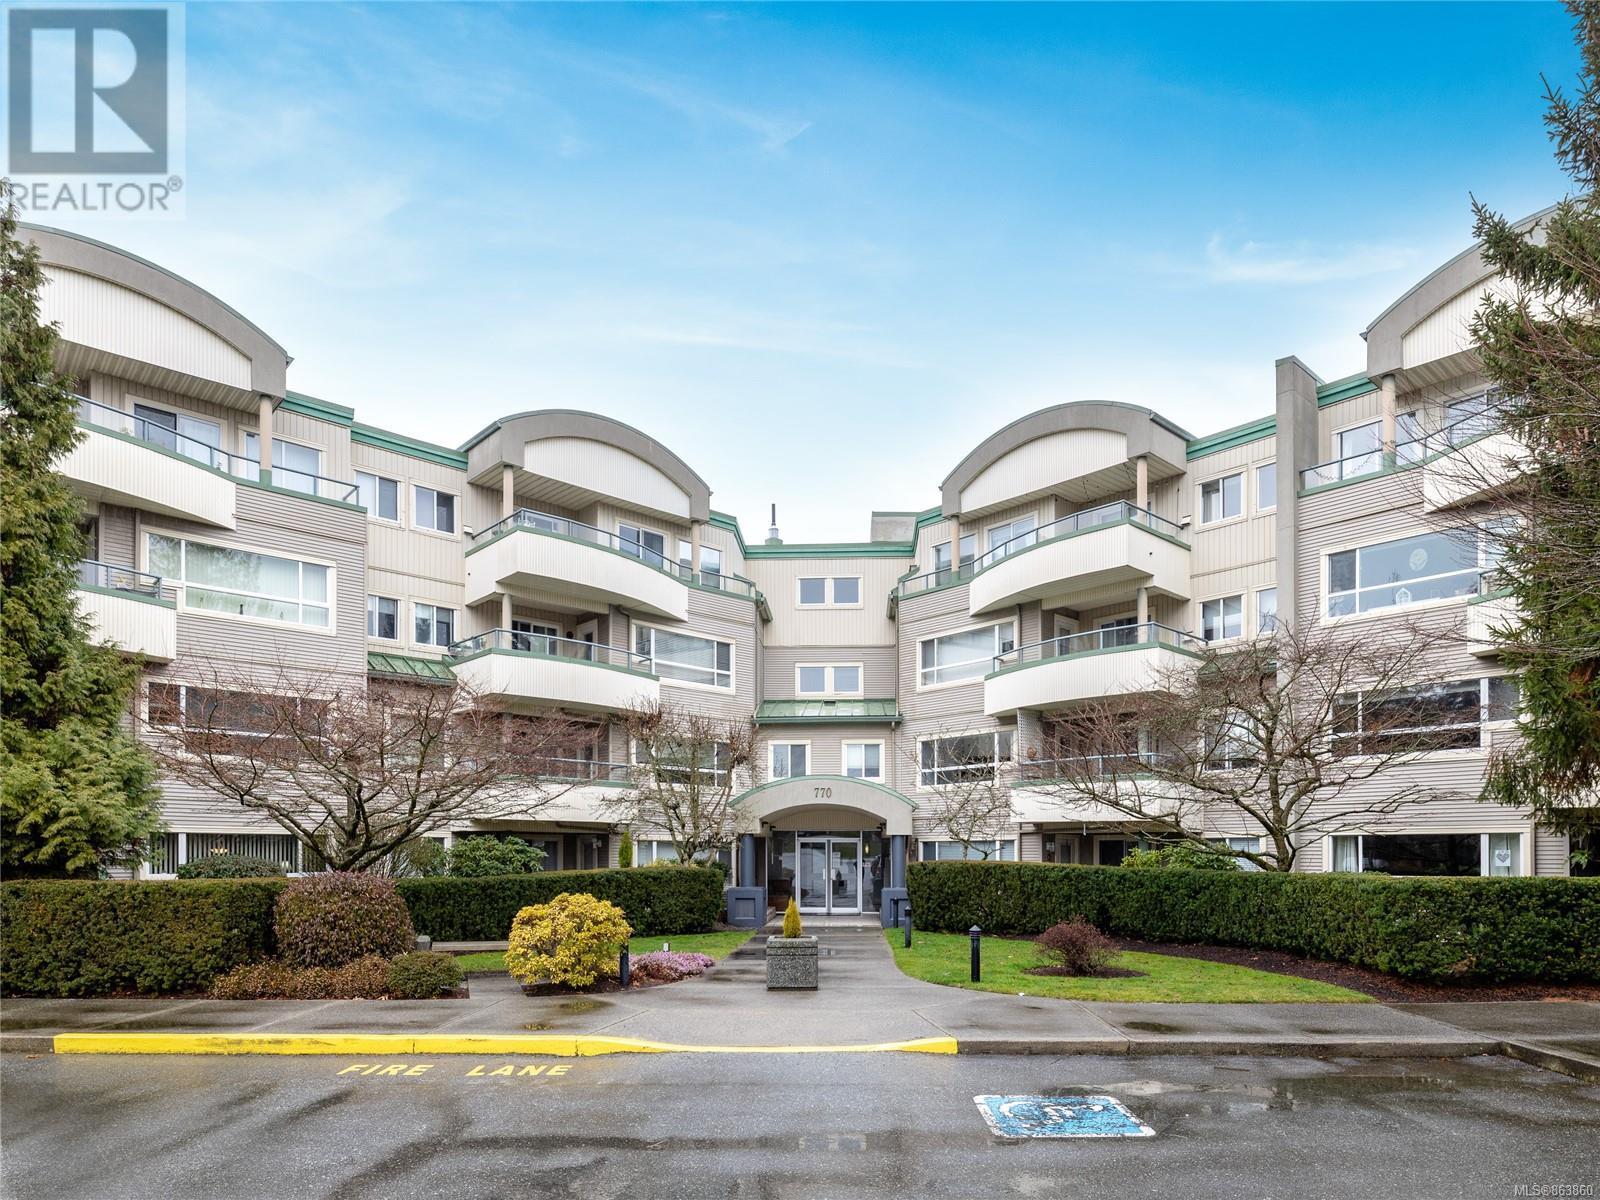 213 770 Poplar St, Nanaimo, British Columbia  V9S 2H6 - Photo 1 - 863860